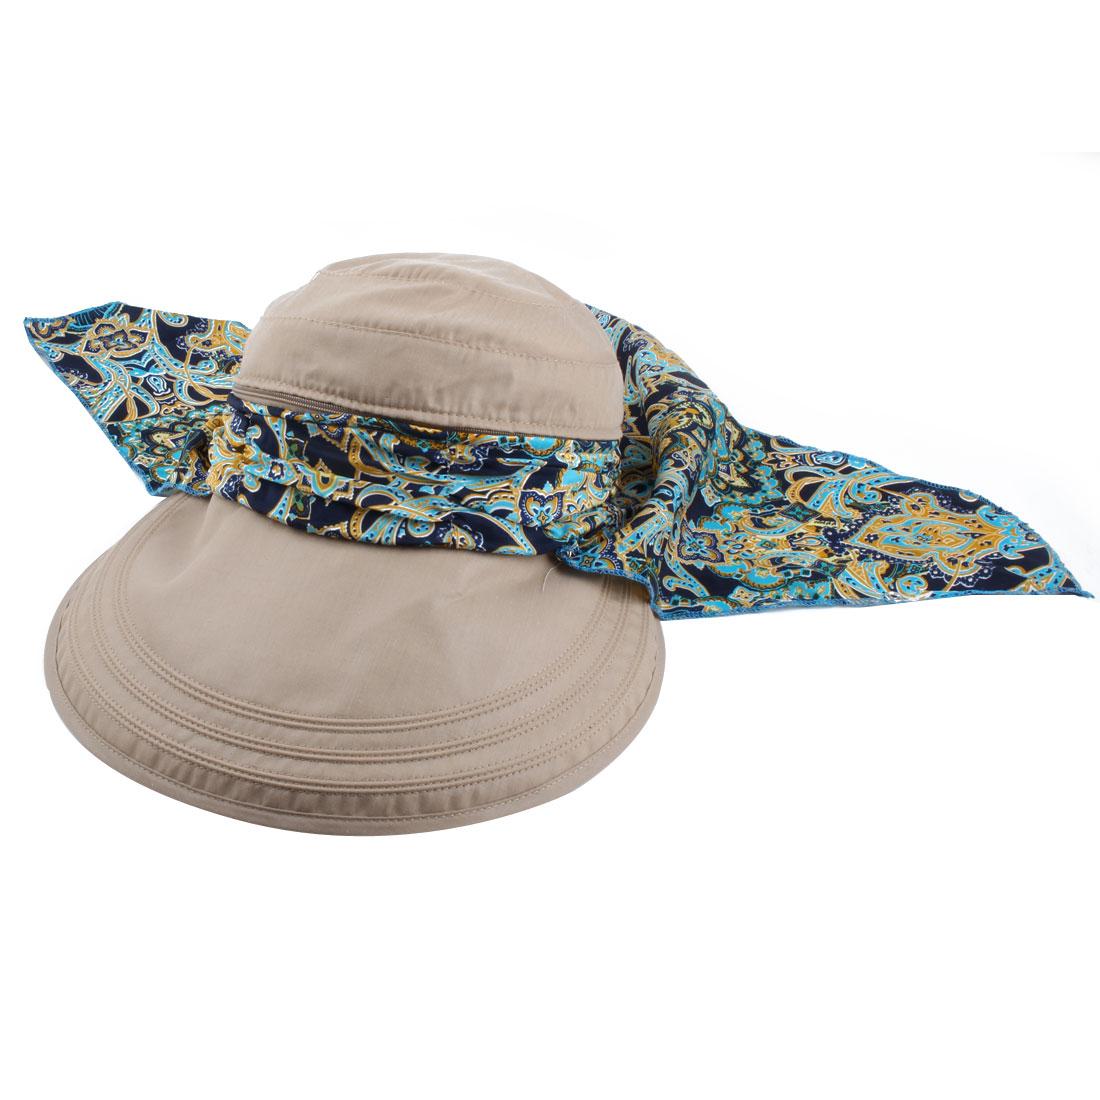 Ladies Women Outdoor Cotton Blends Adjustable Floppy Wide Brim Summer Sun Cap Beach Hat Khaki